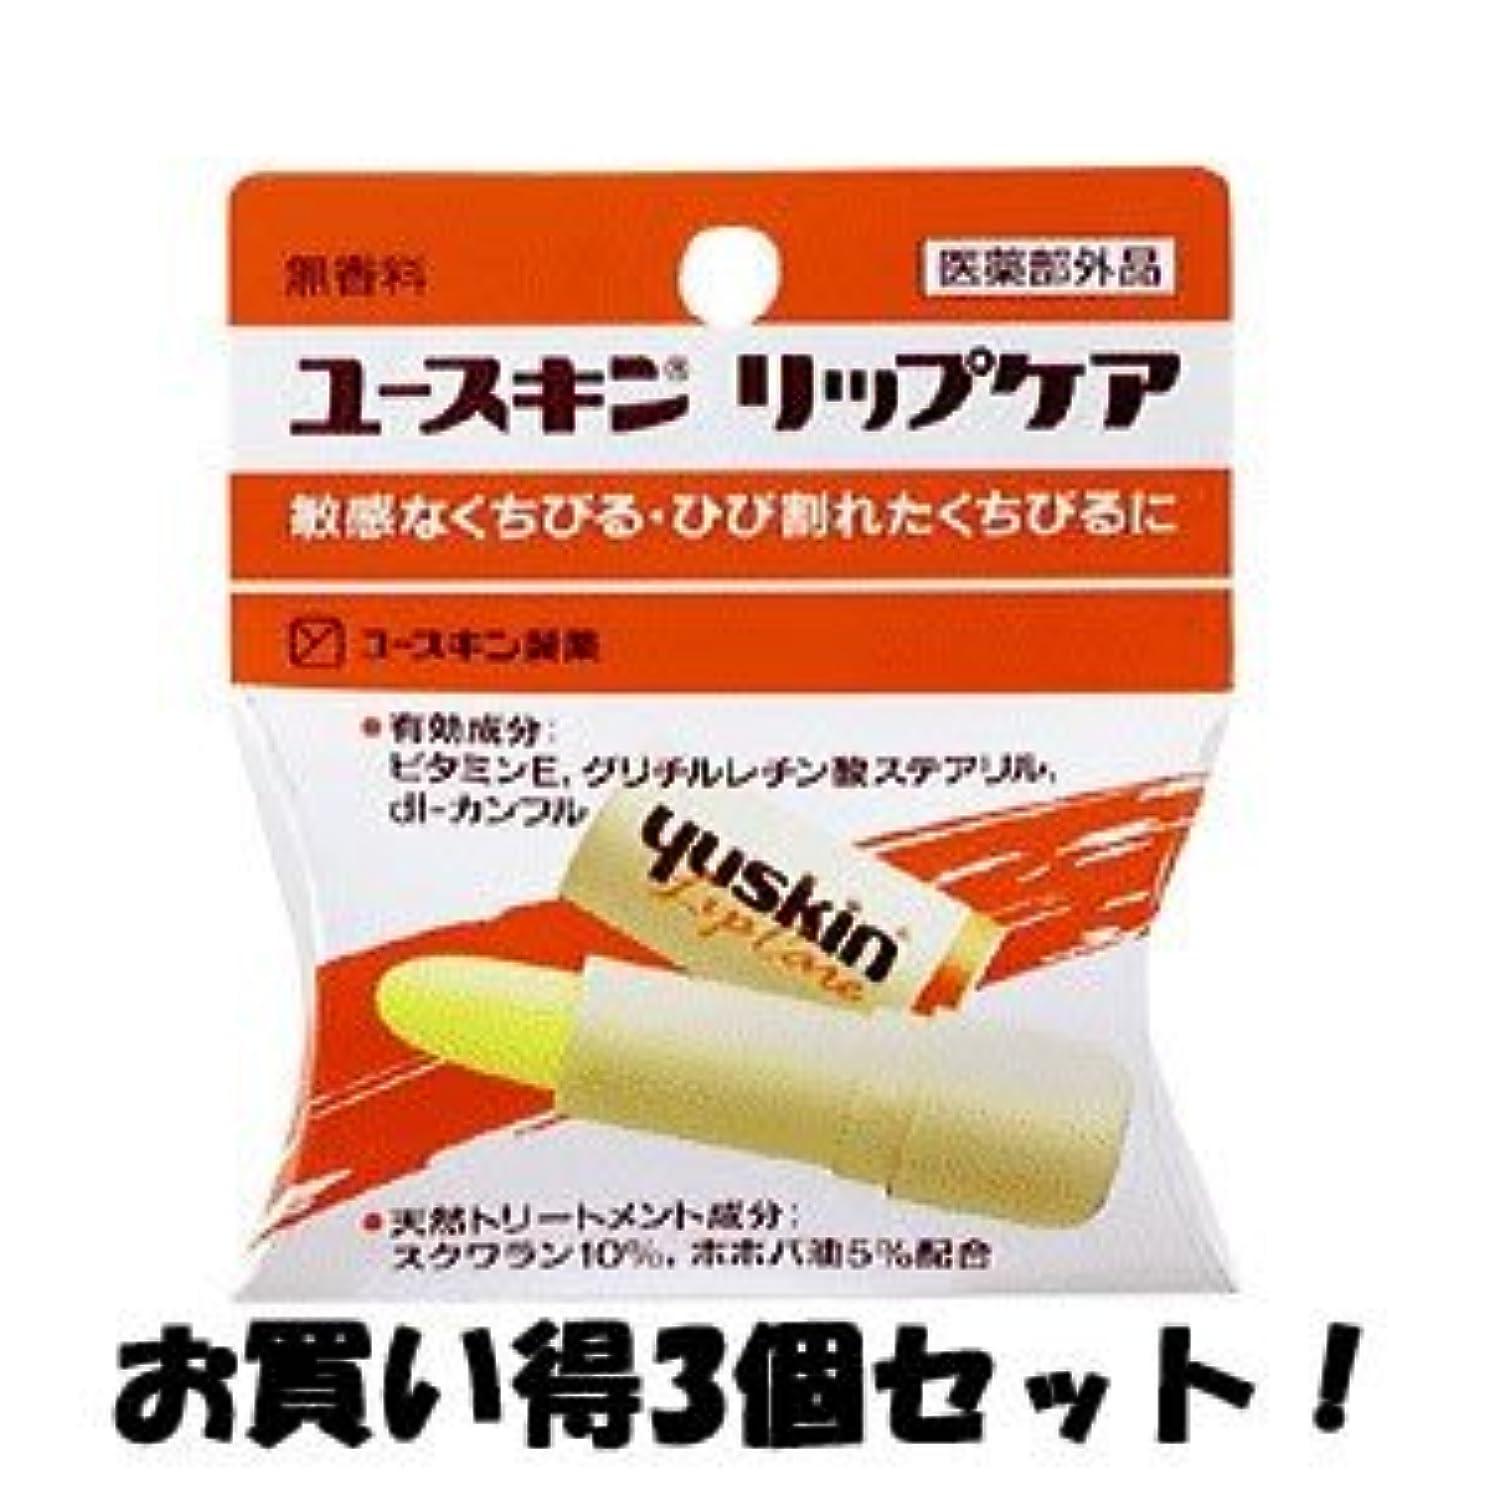 ジムフロンティア否認する(ユースキン製薬)ユースキン リップケア 3.5g(医薬部外品)(お買い得3個セット)